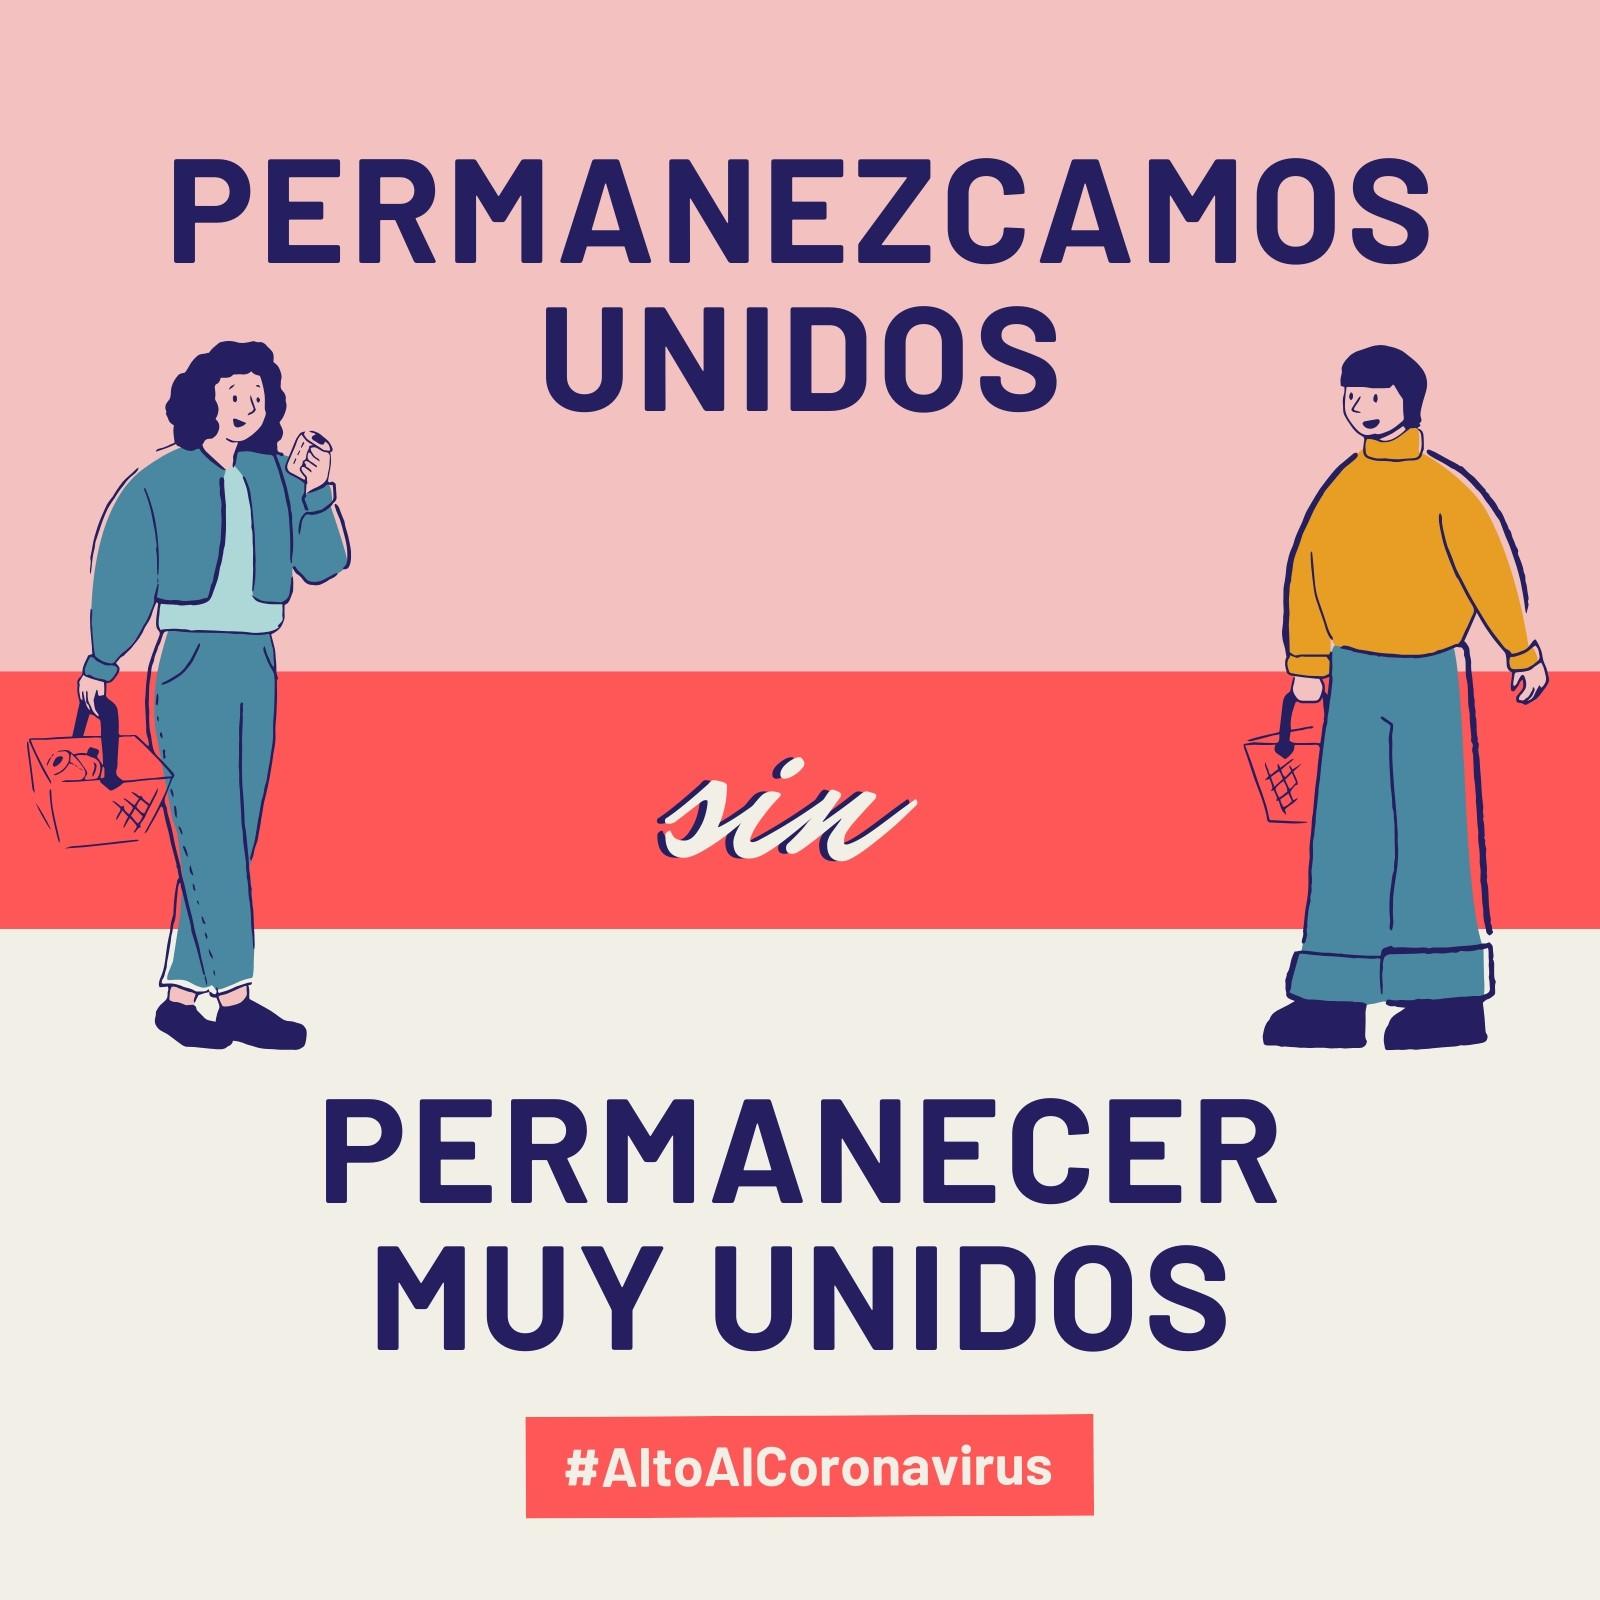 Alto Al Coronavirus Permanezcamos Unidos sin Permanecer Muy Unidos Rosa y Rojo Post para Instagram